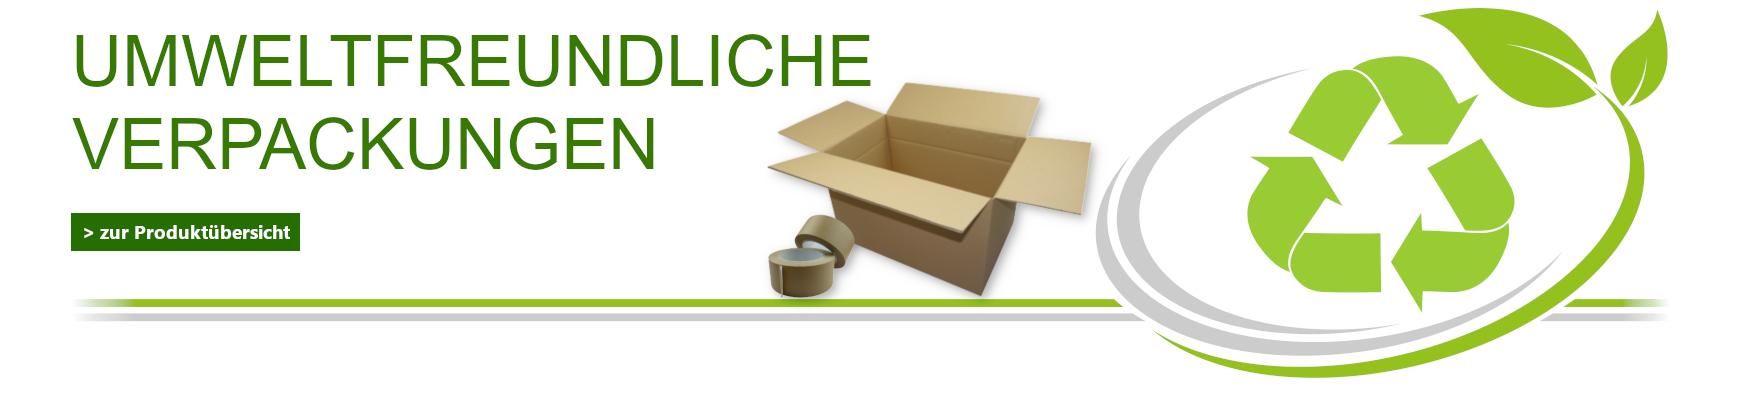 1_Umweltfreundliche-Verpackungsprodukte